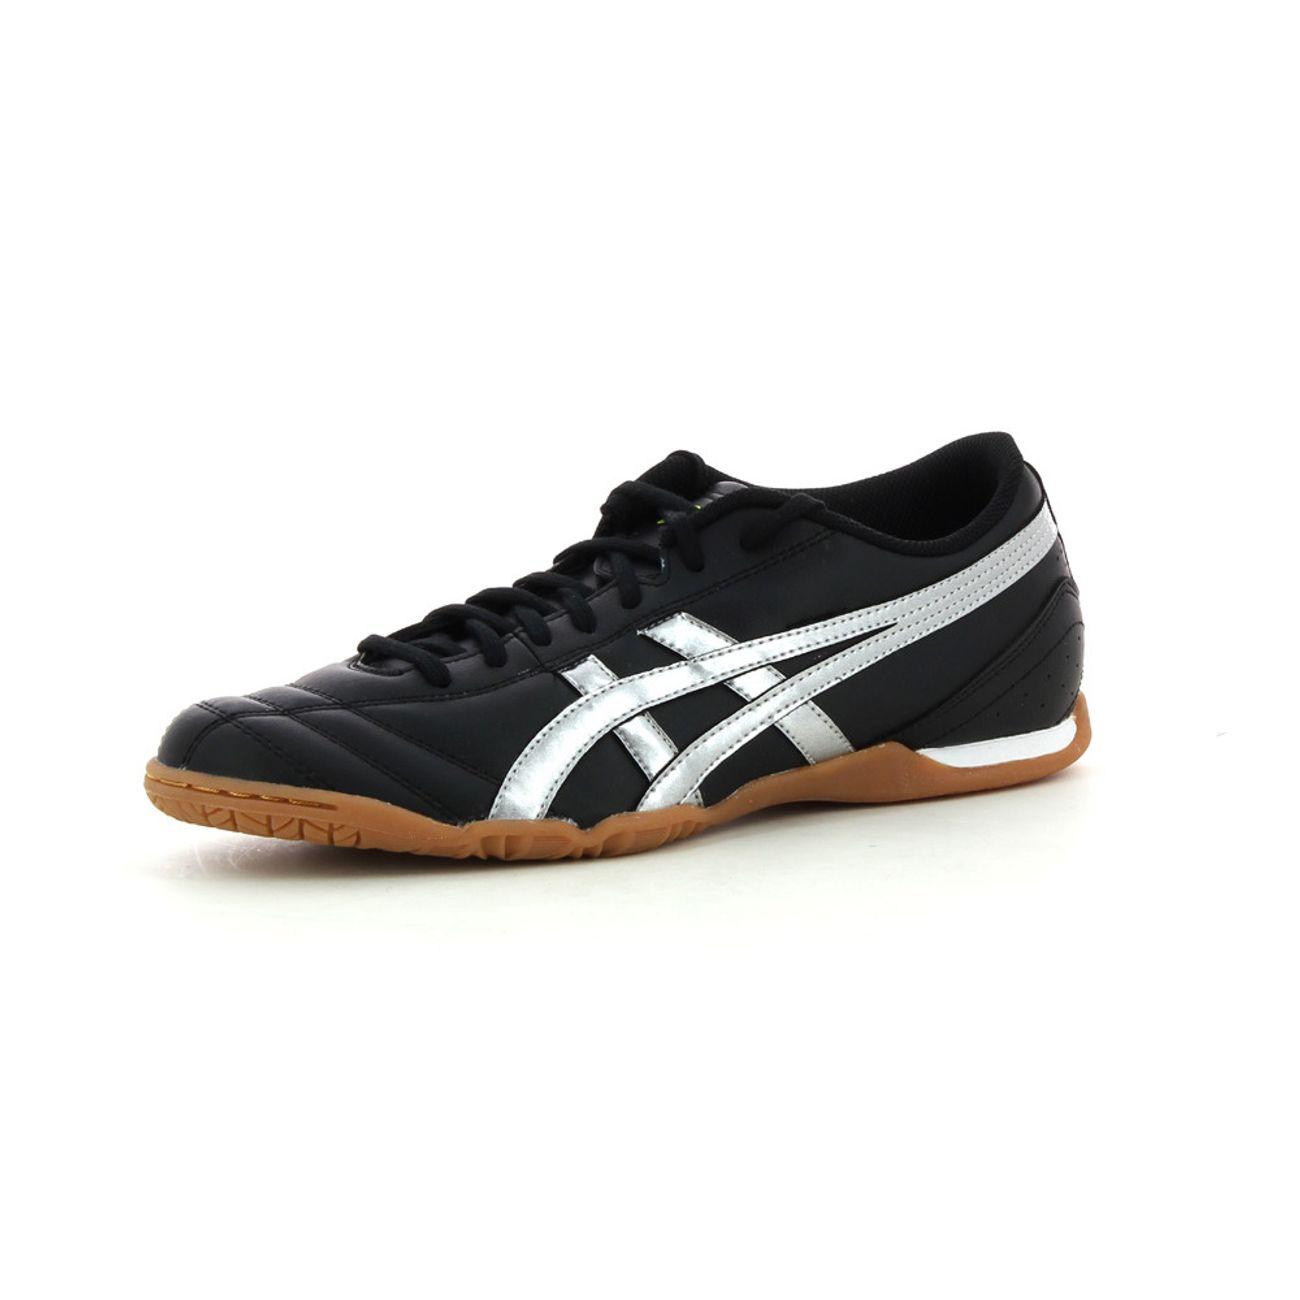 Chaussures de Futsal Asics DS X Fly In – achat et prix pas